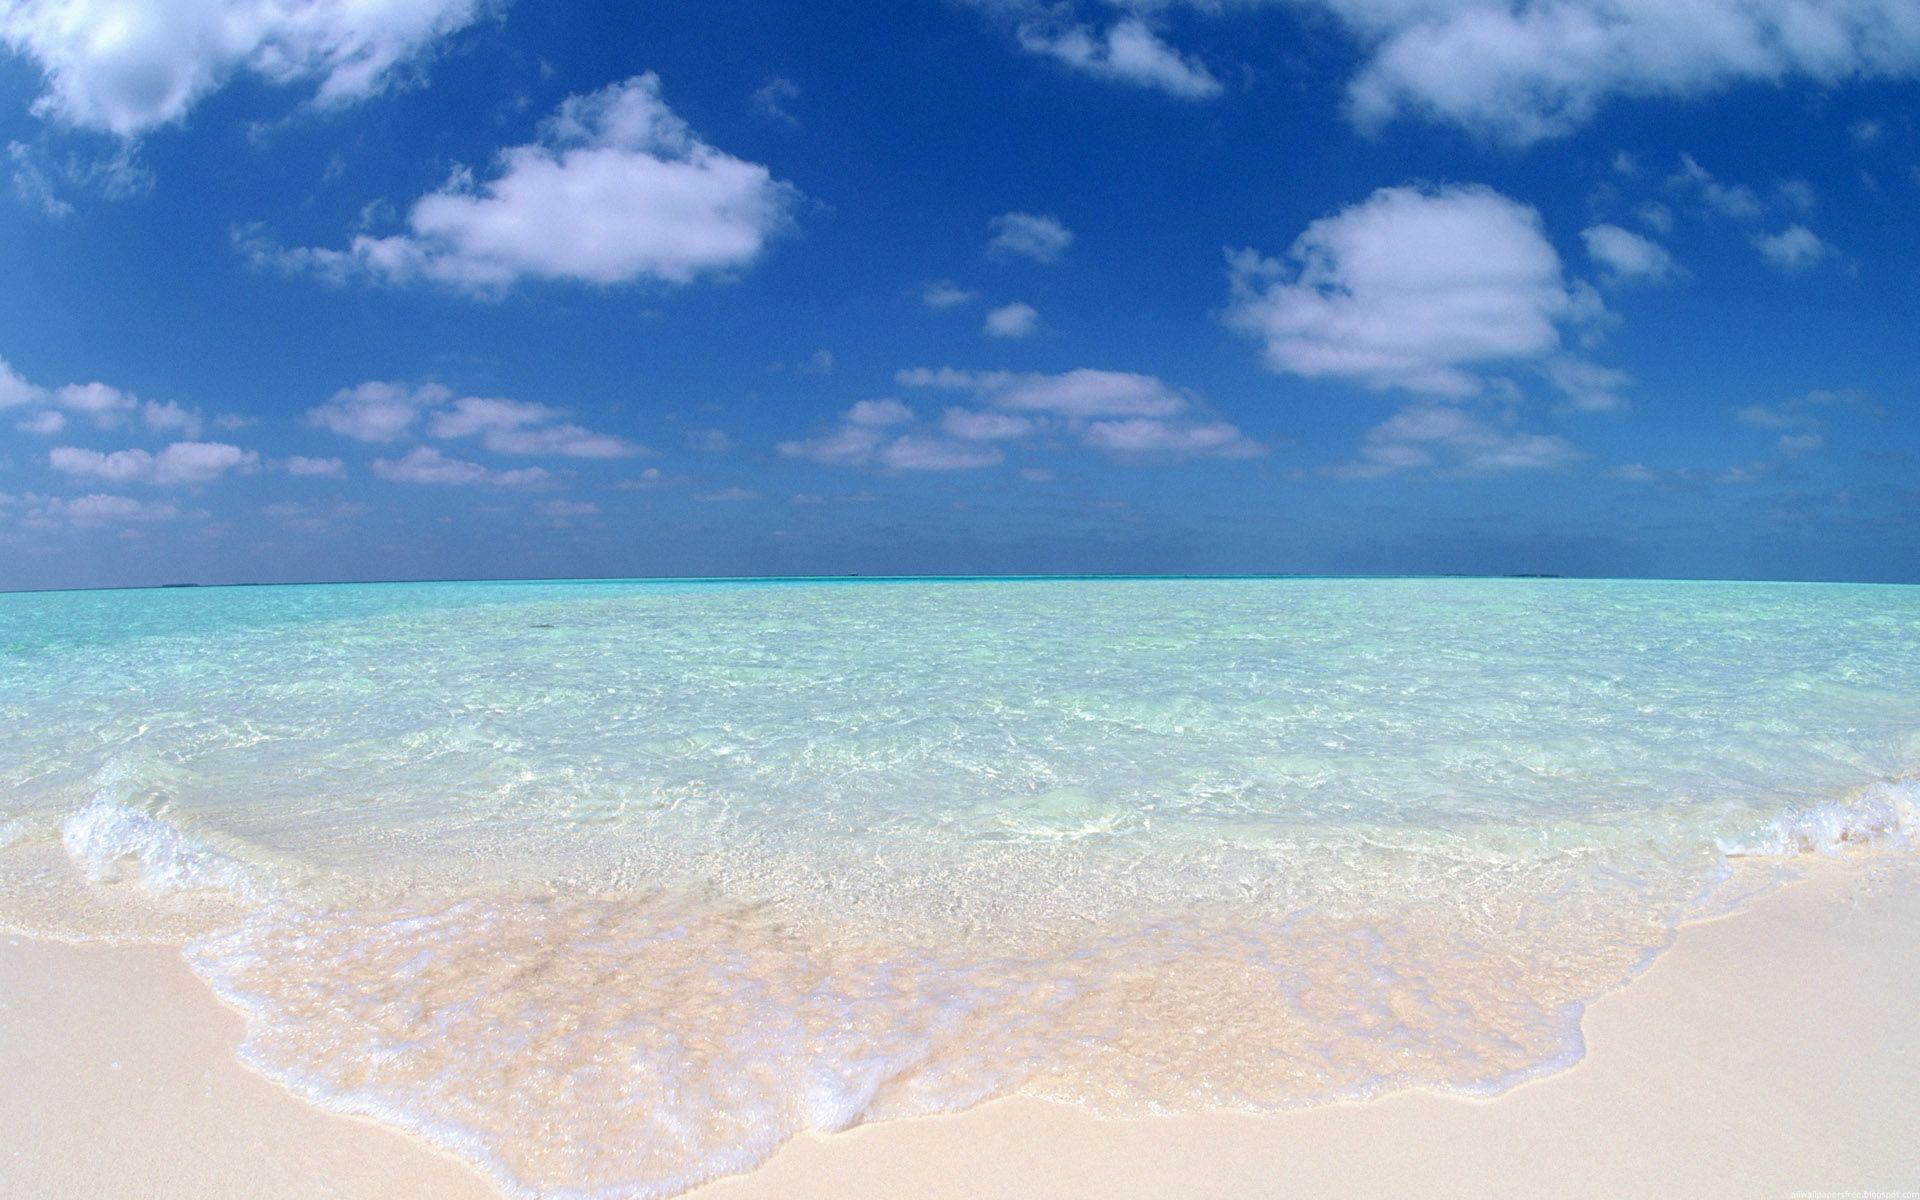 море песок полоса остров скачать